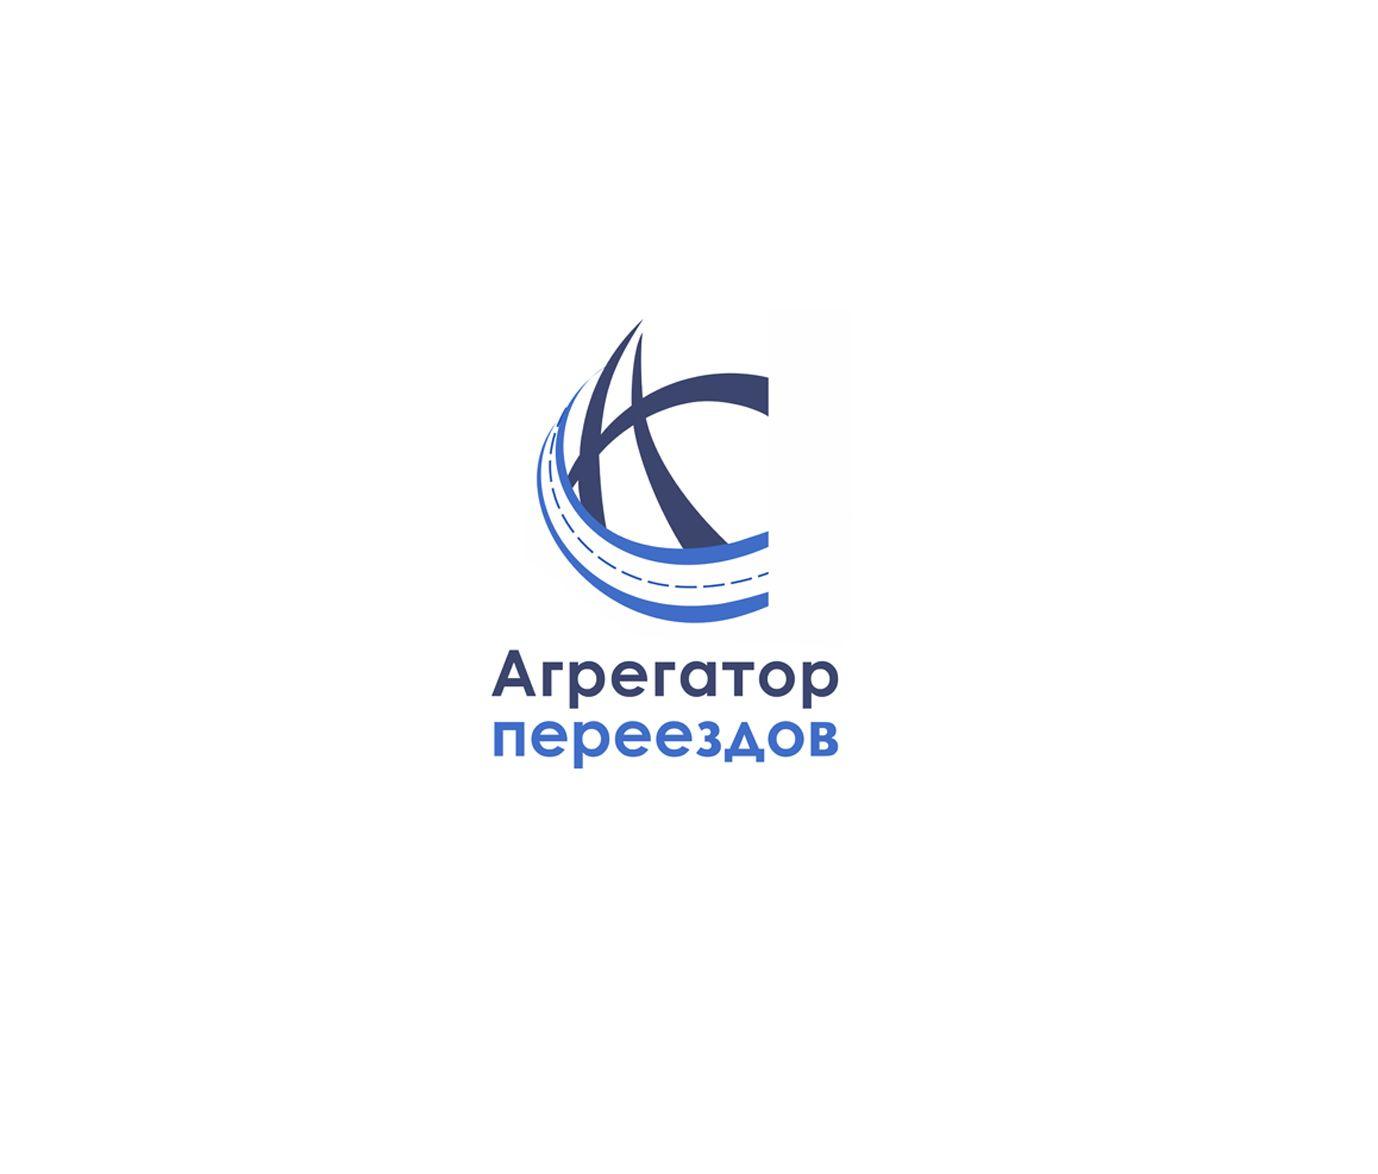 Логотип для компании Агрегатор переездов - дизайнер art-valeri